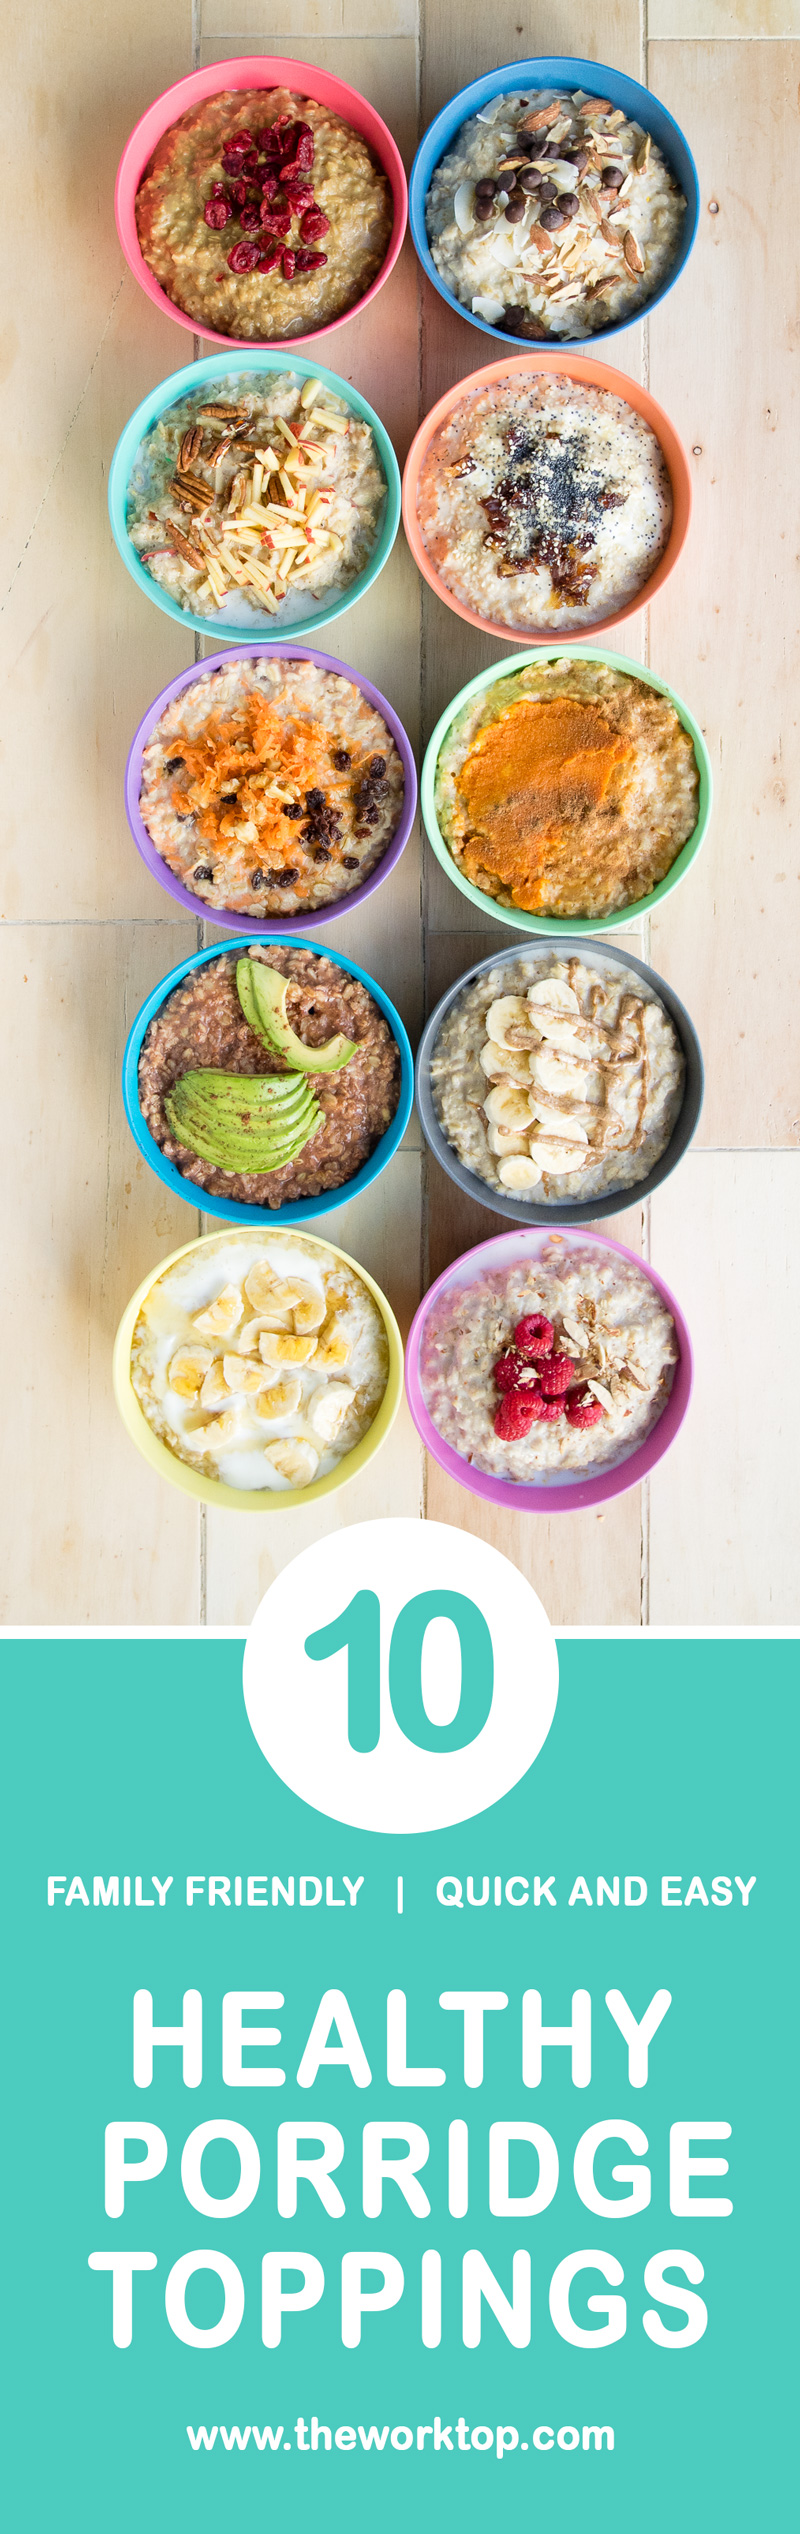 The WorkTop Healthy Porridge Toppings